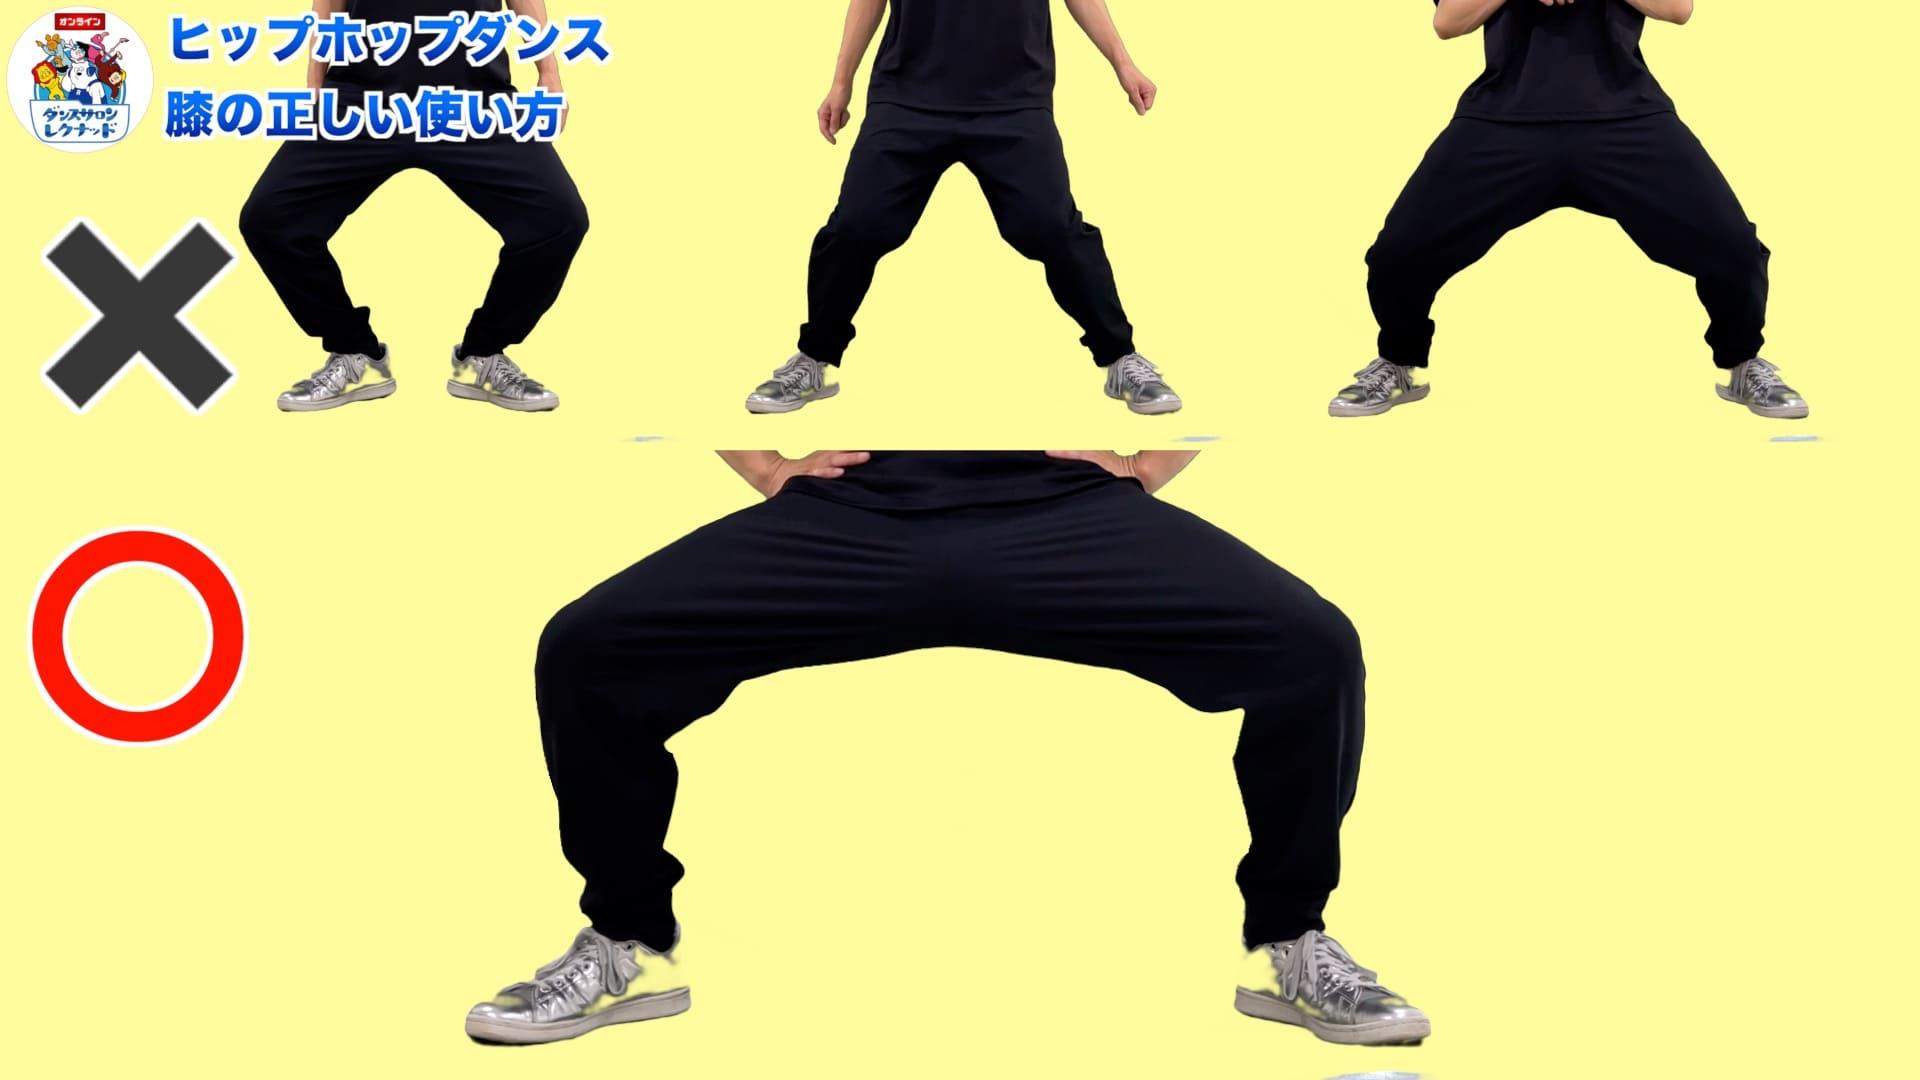 【 ダンスの教科書 】プロが指導 膝の伸縮 ダウンアップ お家で簡単練習